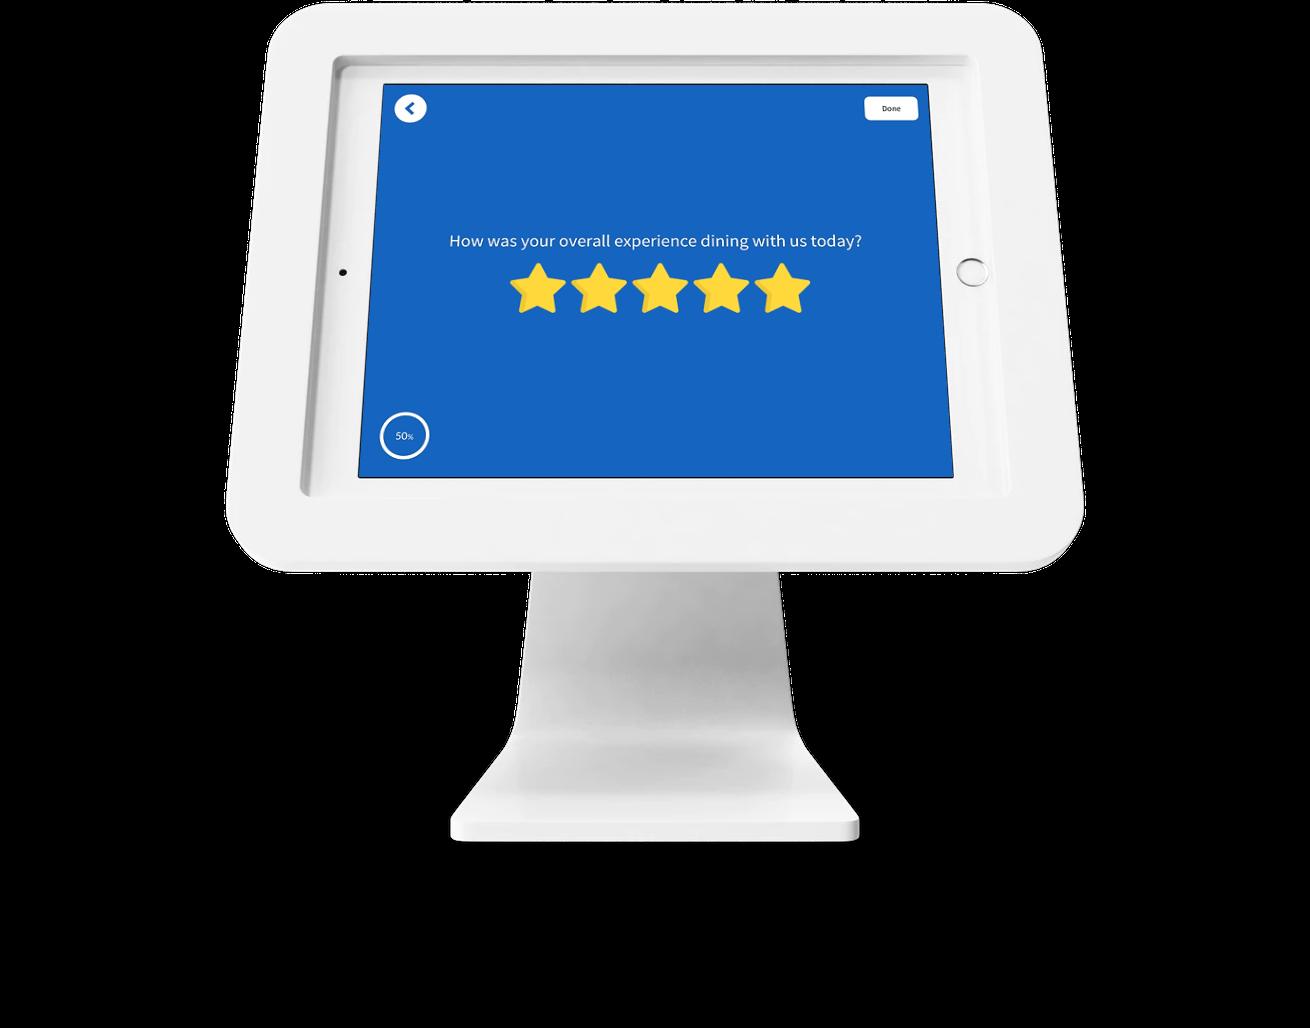 Kiosk Survey App-2